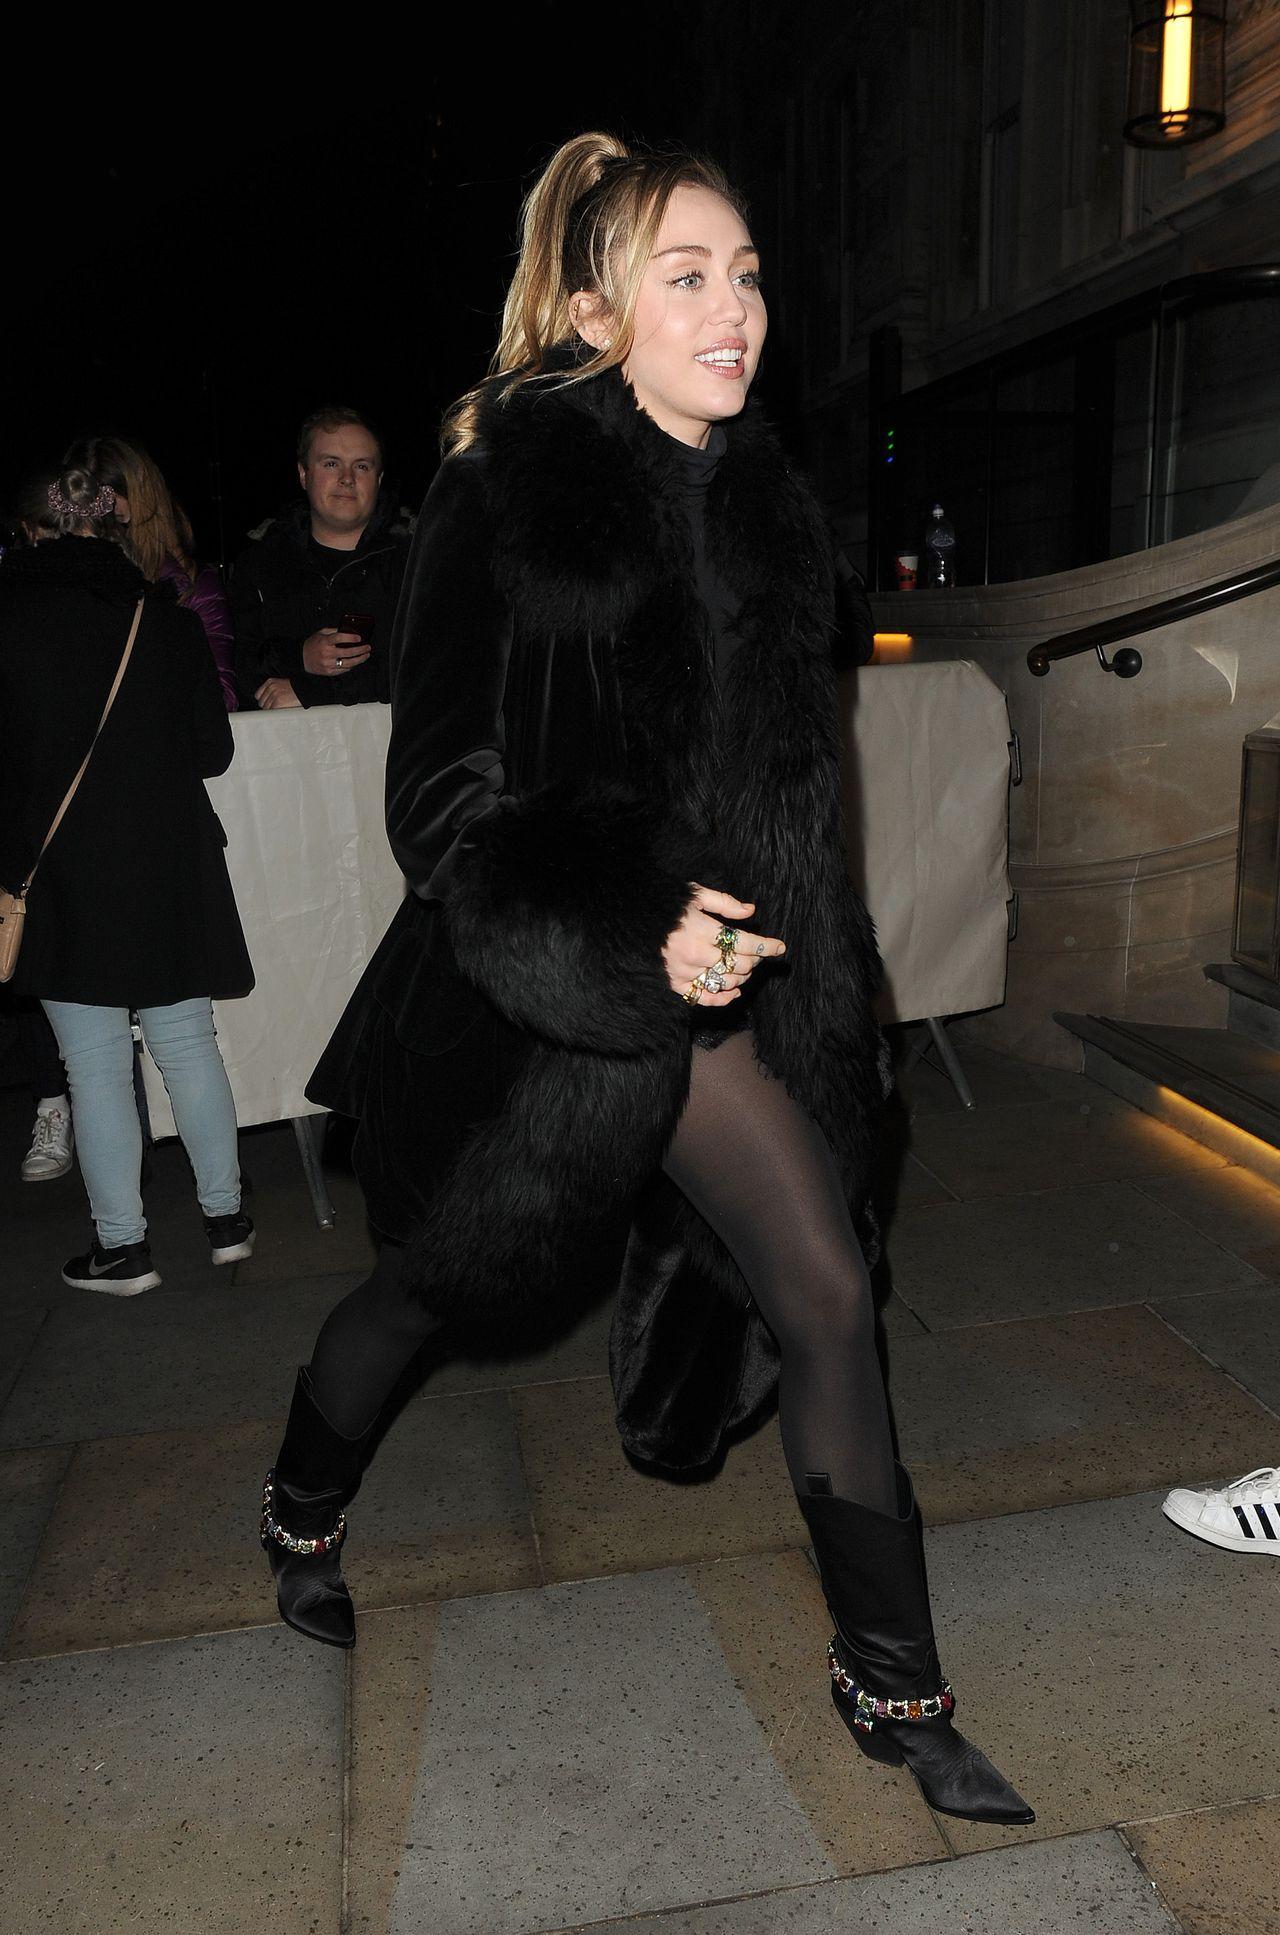 WOW! Miley Cyrus BEZ STANIKA i w mini - pokazała długie nogi (ZDJĘCIA)